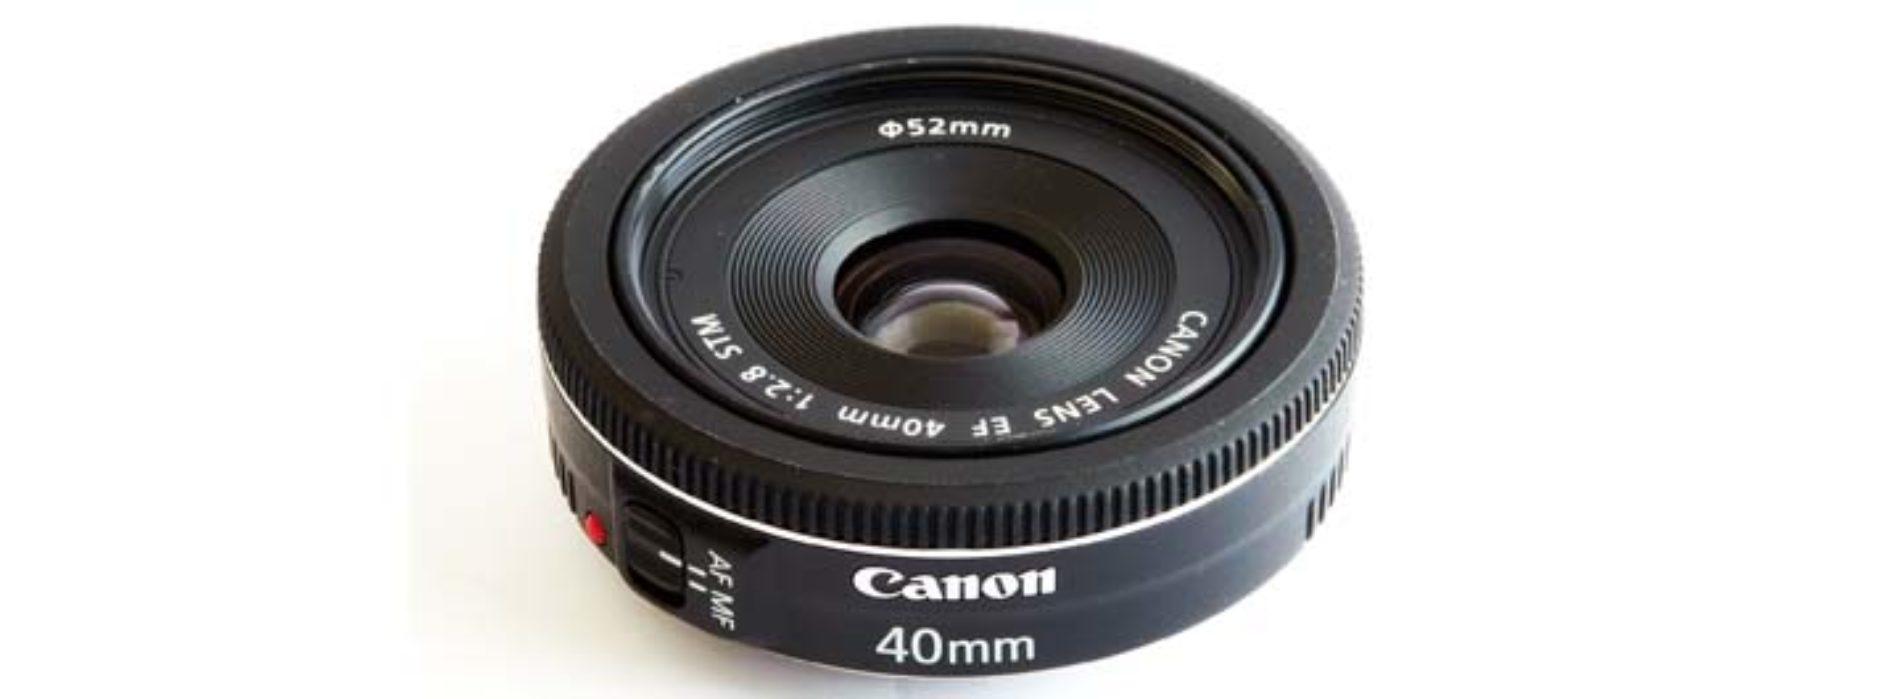 Ремонт объективов Canon 40mm